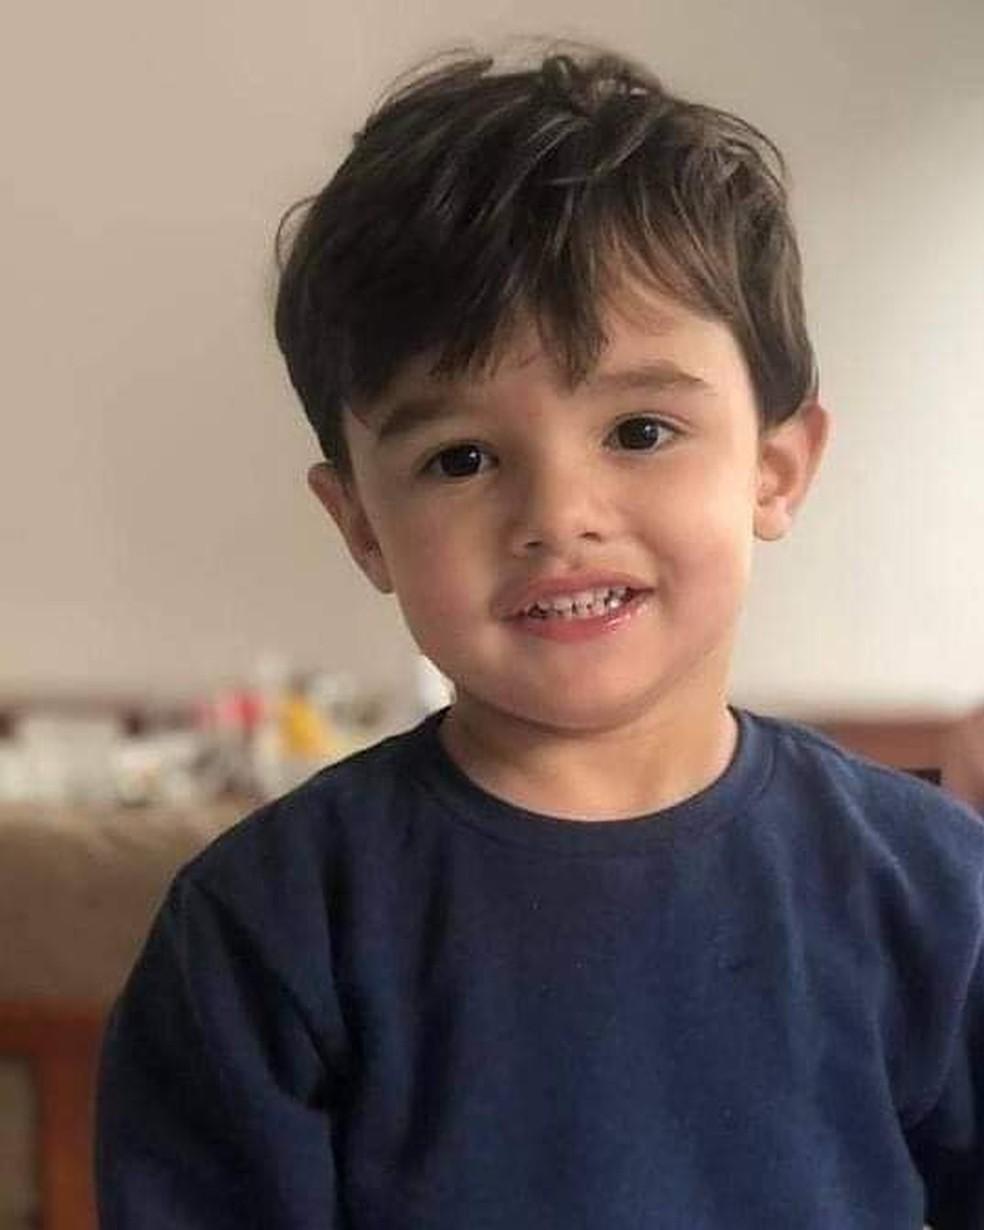 Gael de Freitas Nunes foi encontrado pela tia-avó já desacordado na cozinha do apartamento — Foto: Reprodução